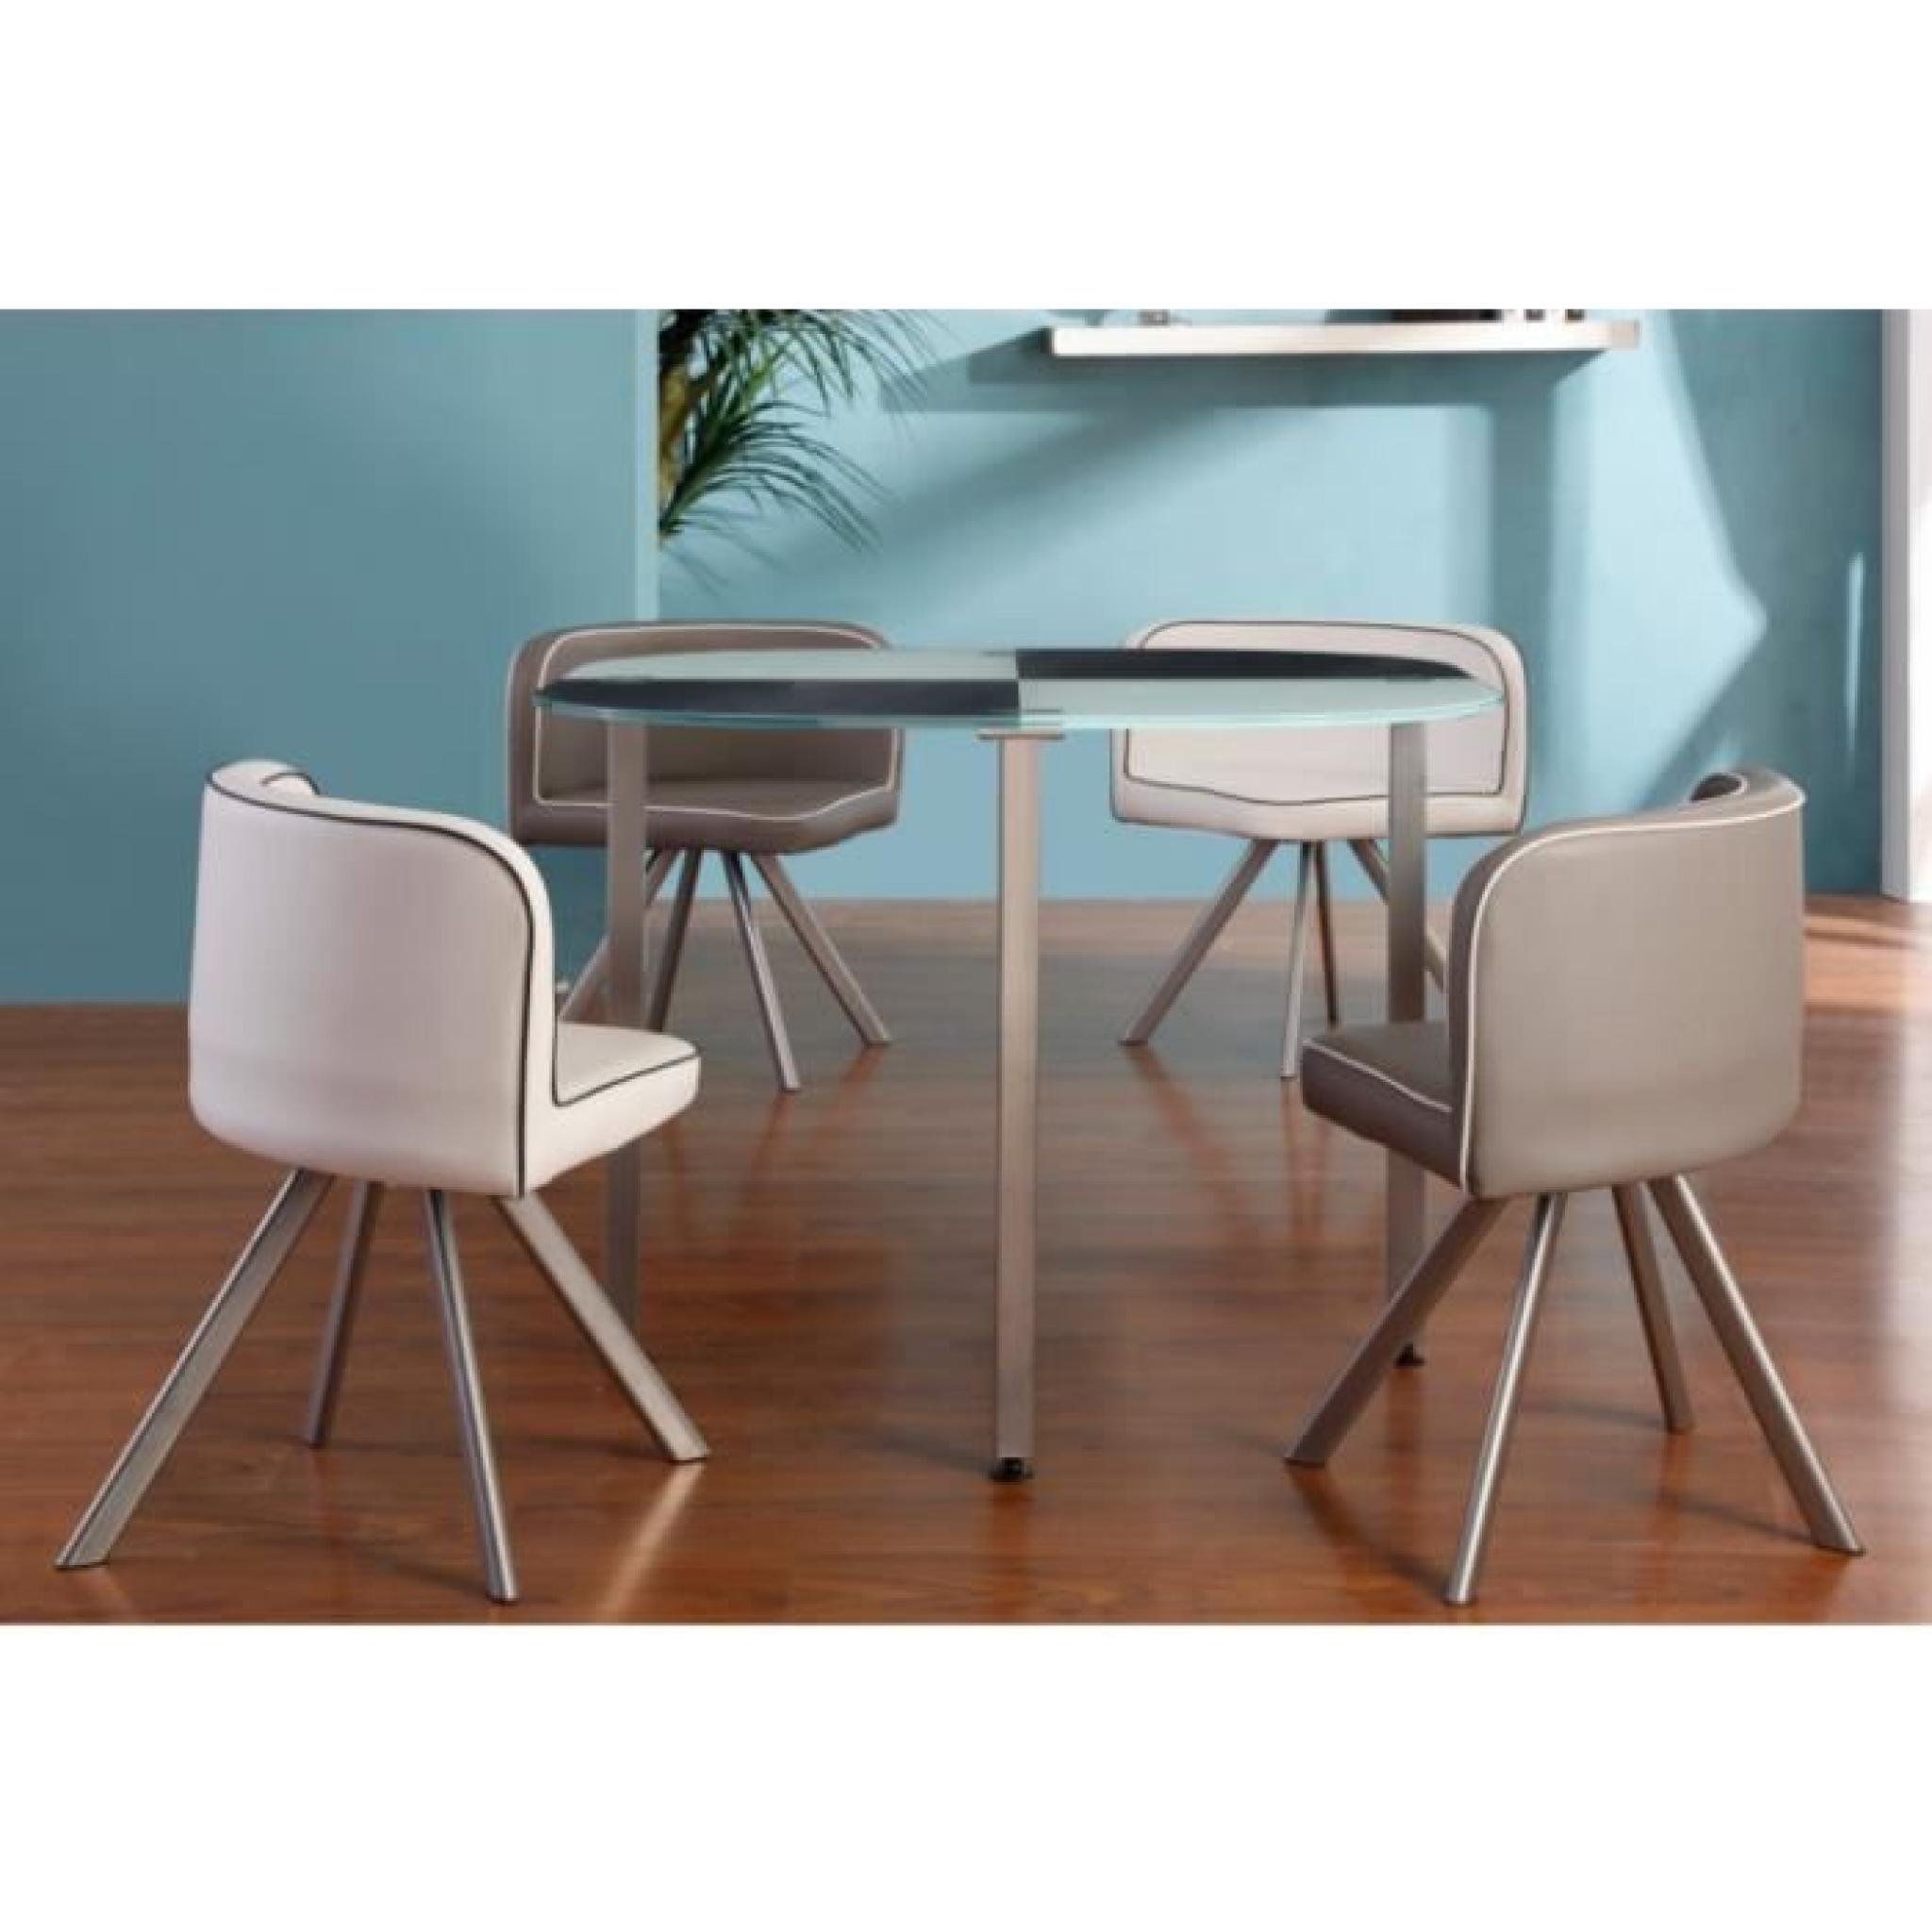 G nial table et chaises pas cher id es de salon de jardin for Table et chaise design pas cher